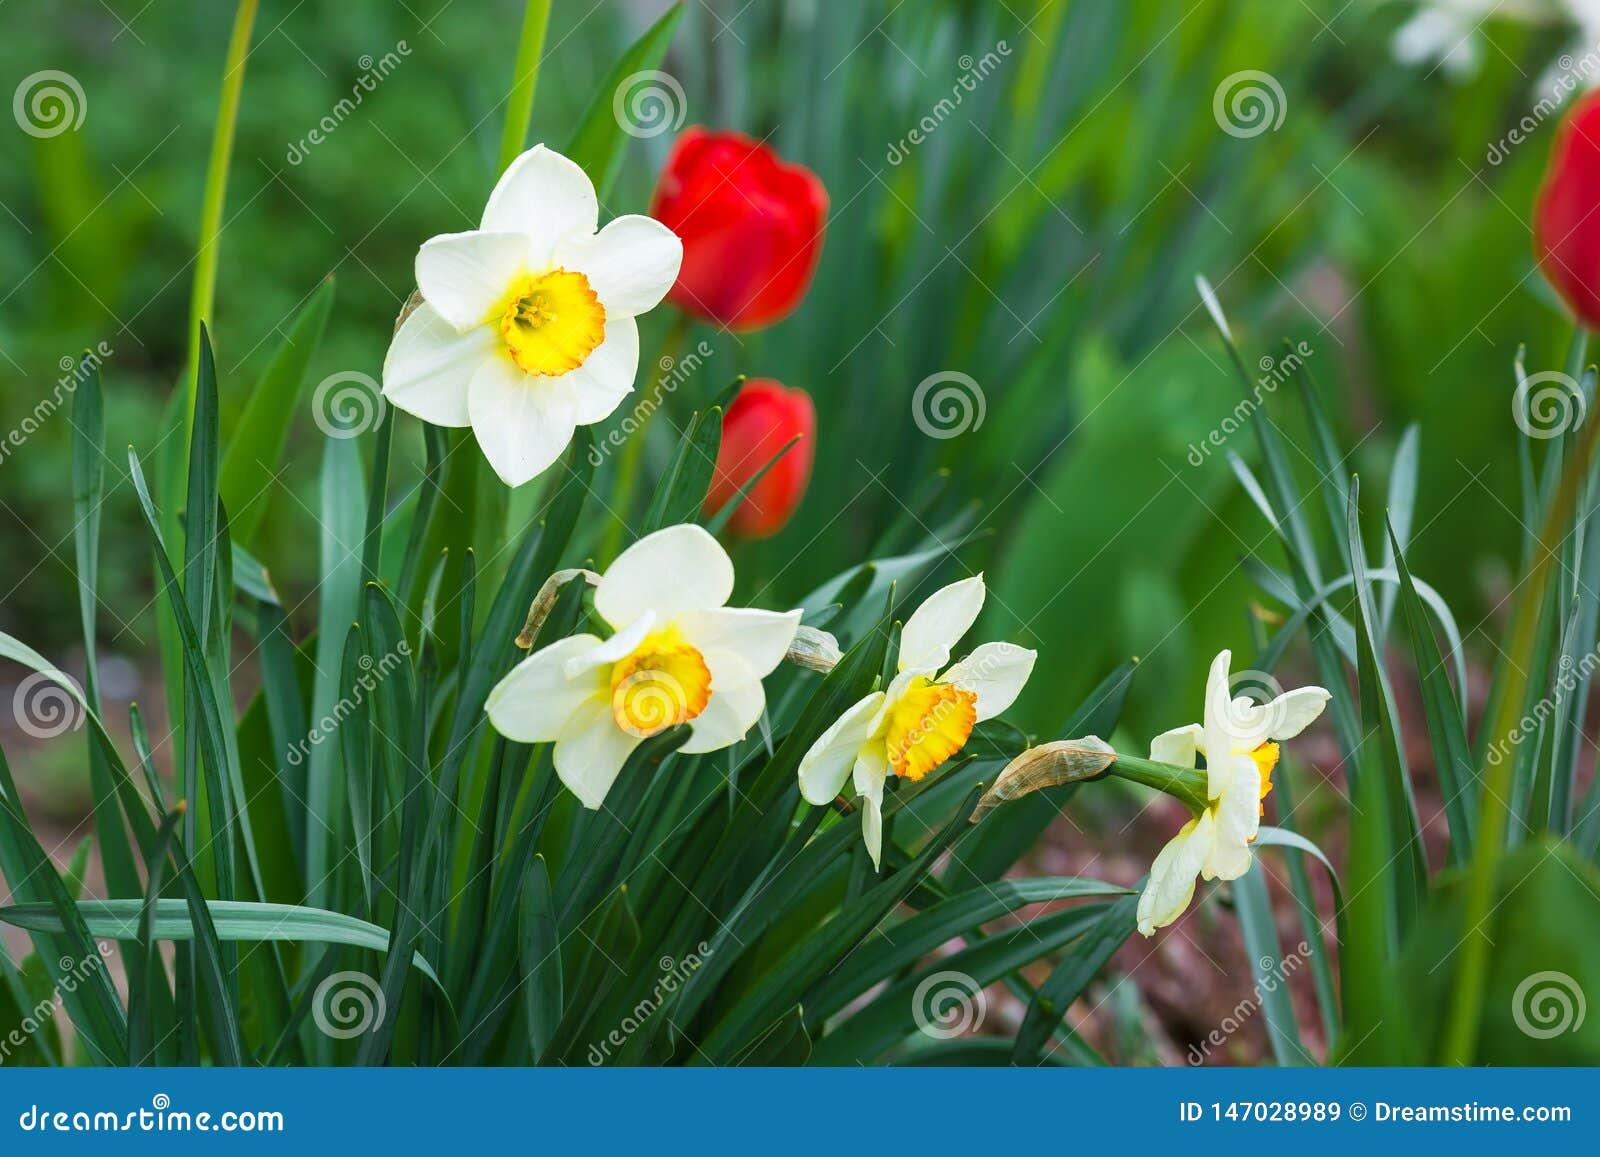 Άσπρο daffodil με μια κίτρινη καρδιά και κόκκινες τουλίπες που αυξάνονται στον κήπο